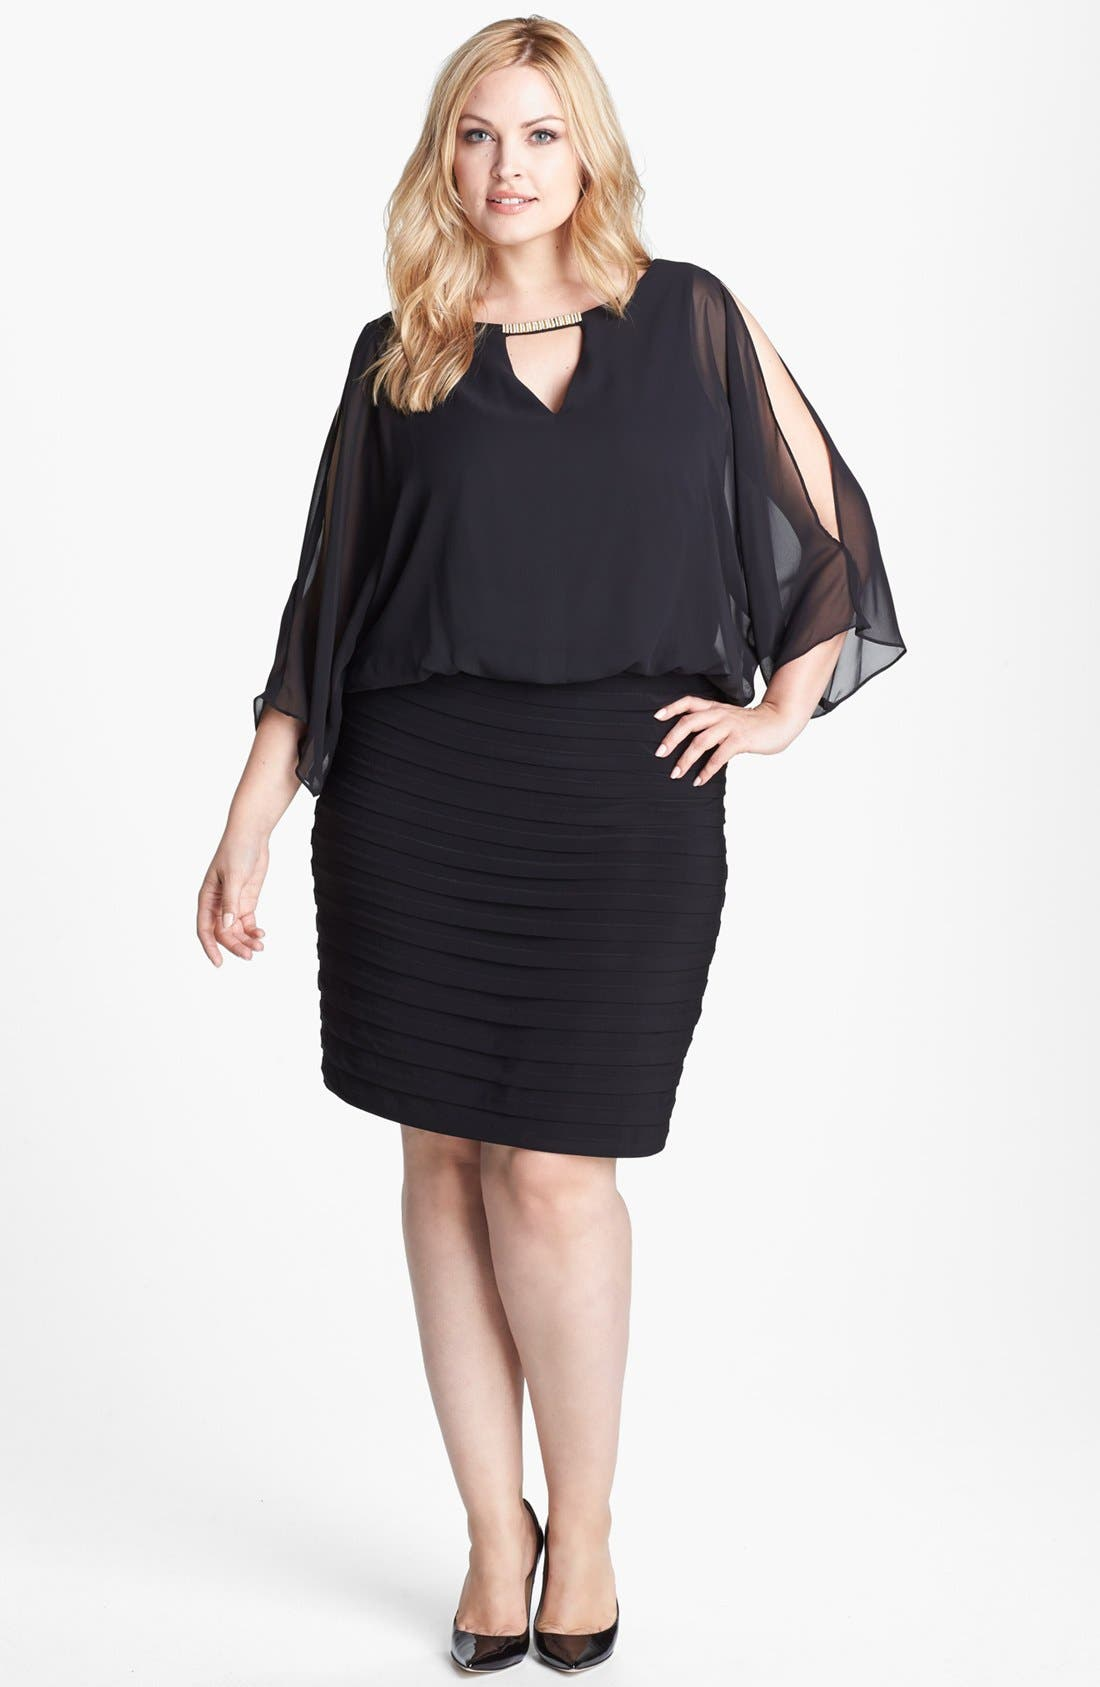 Alternate Image 1 Selected - Xscape Embellished Keyhole Mixed Media Blouson Dress (Plus Size)